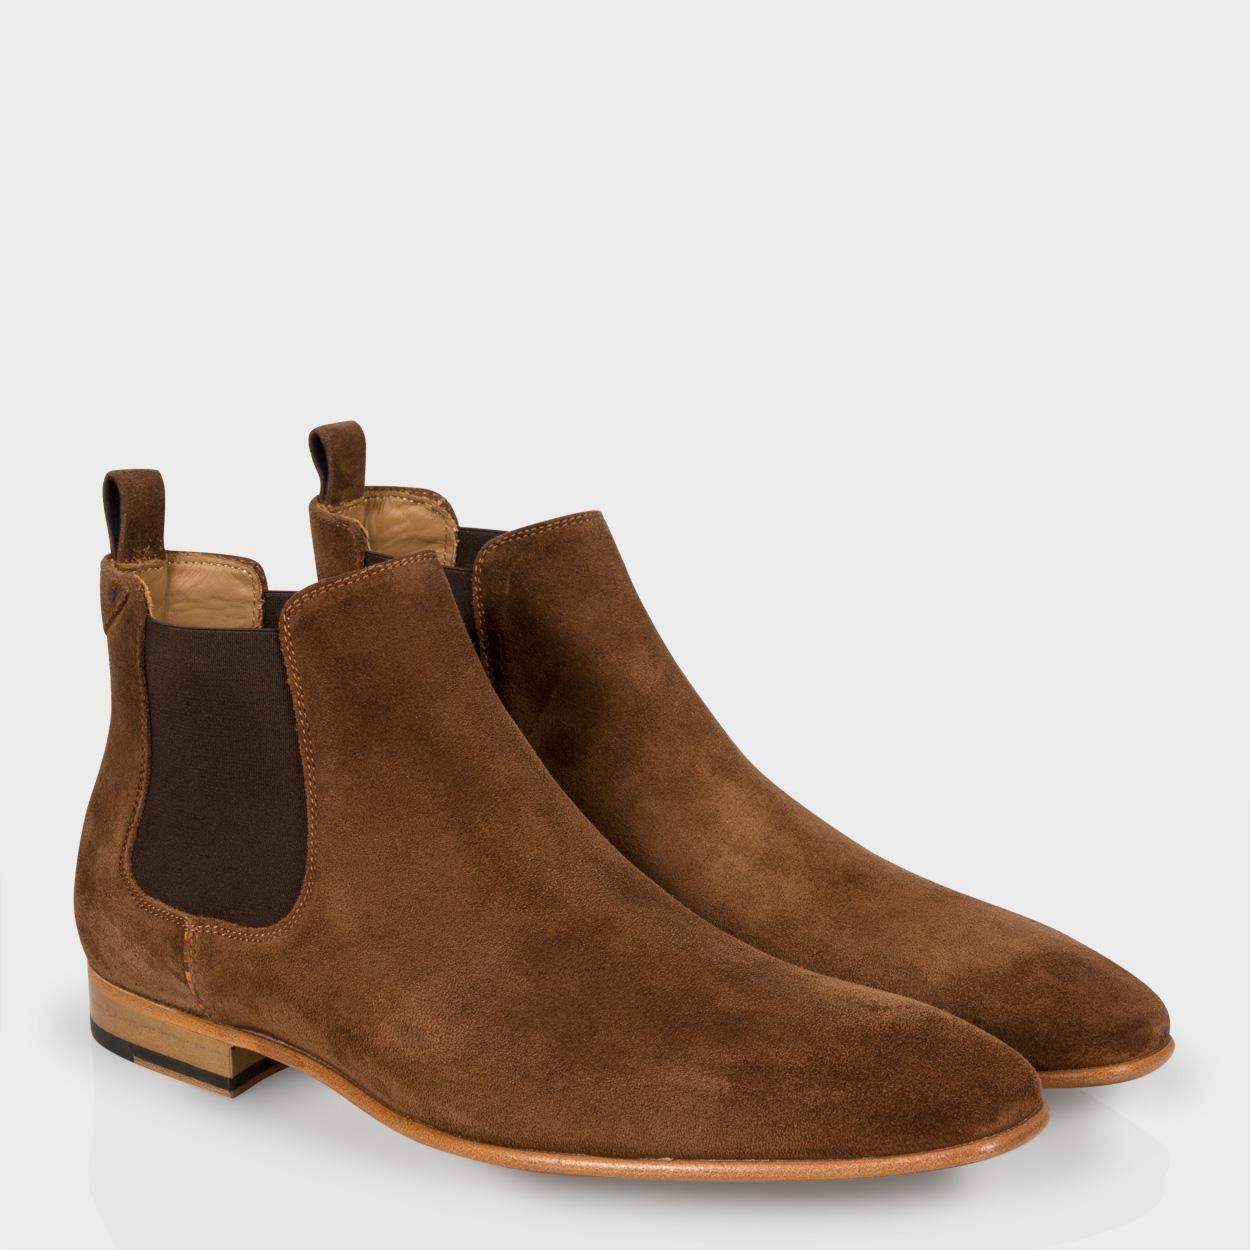 363b3dc8e29d Paul Smith Men's Shoes | Brown Suede 'Falconer' Chelsea Boots | SHOES